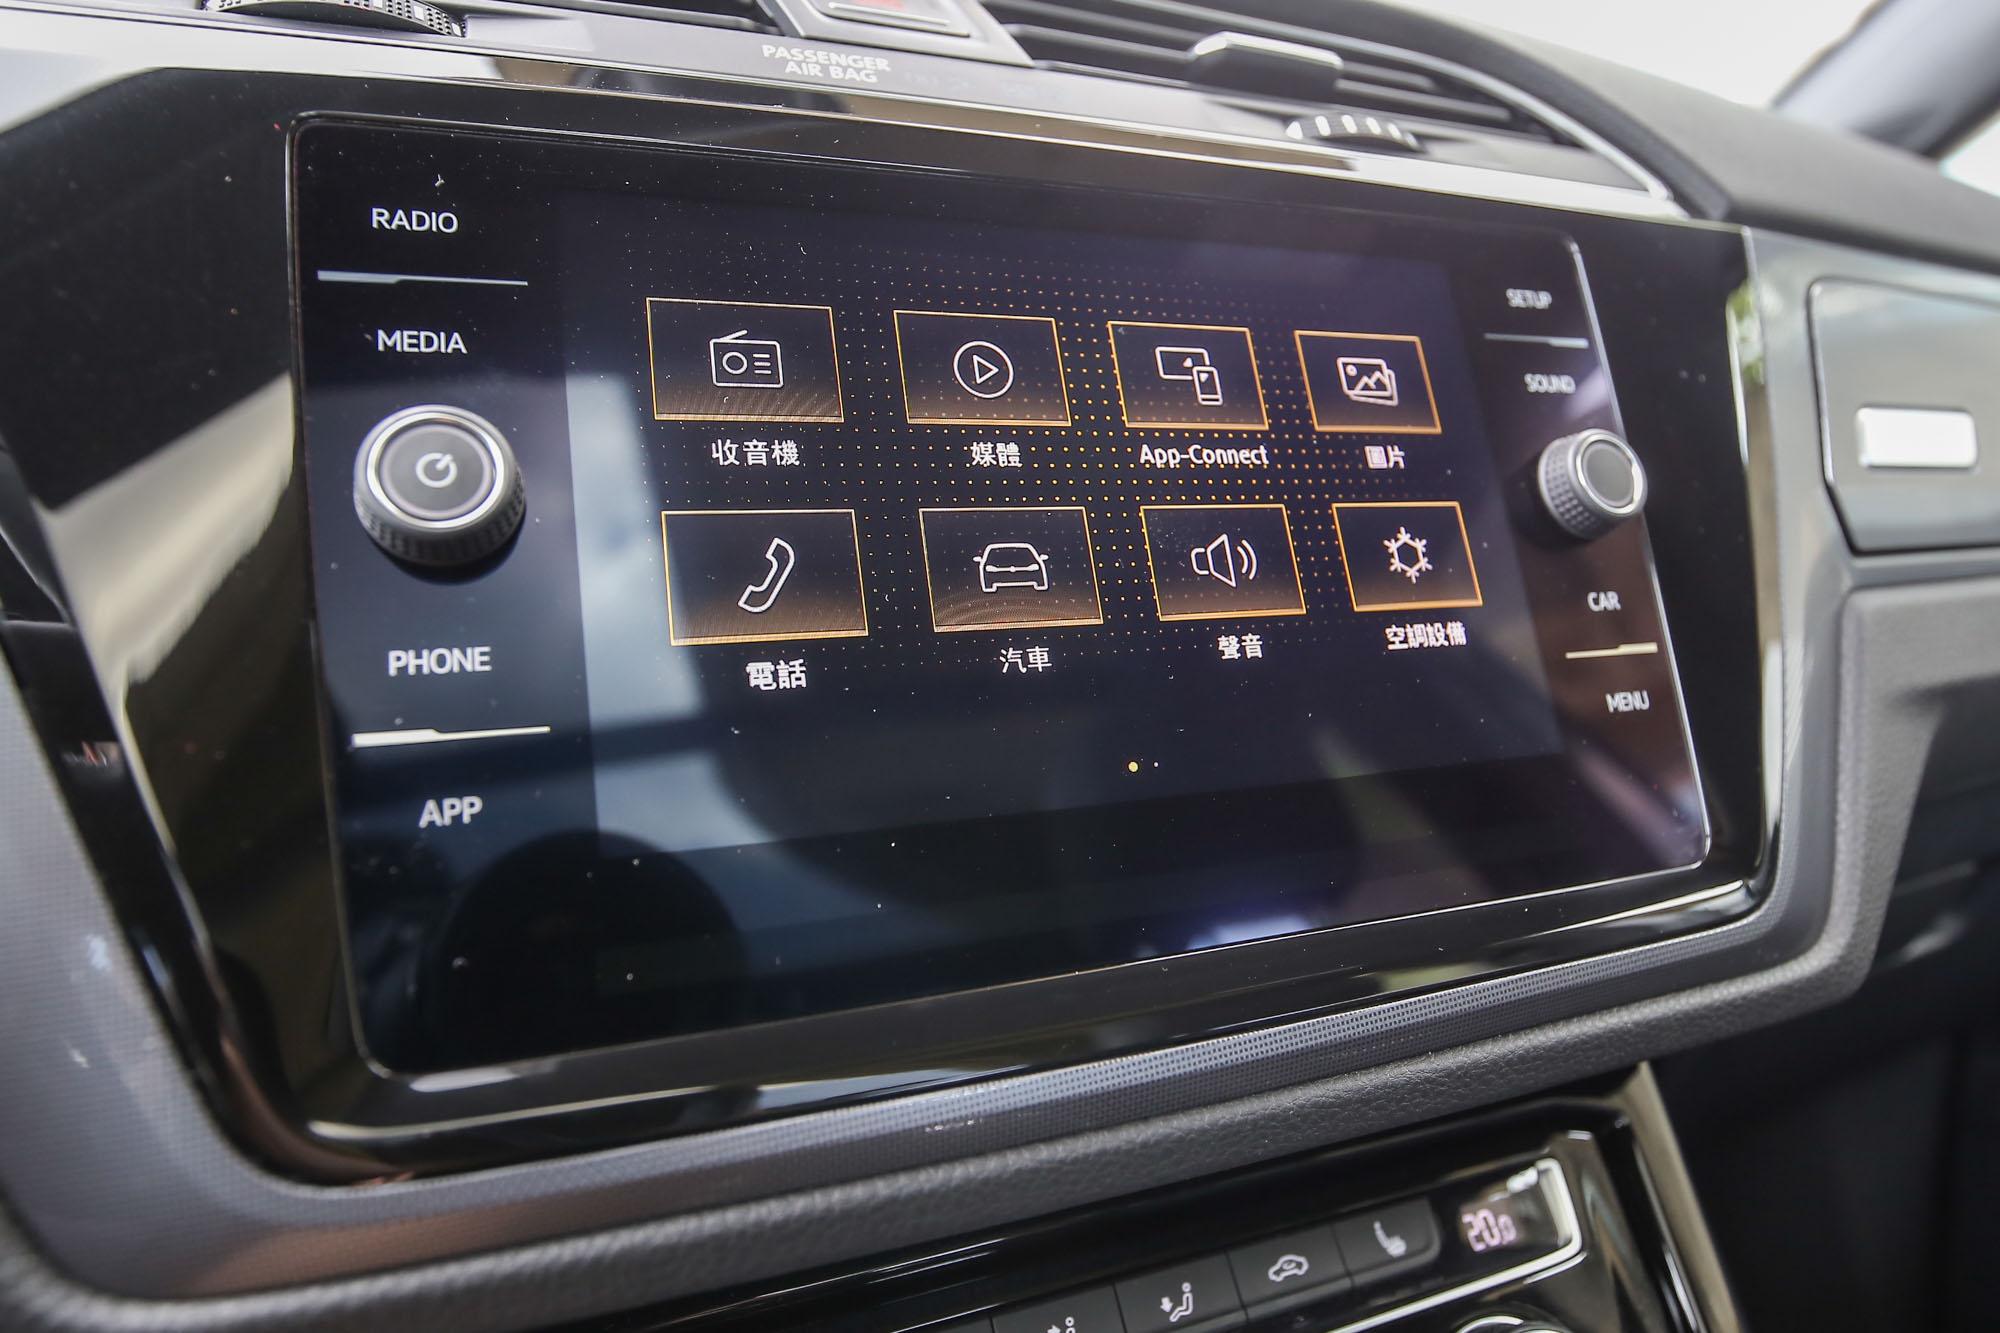 車系標配 8 吋多媒體鏡面觸控主機,並有多媒體手機鏡射功能。